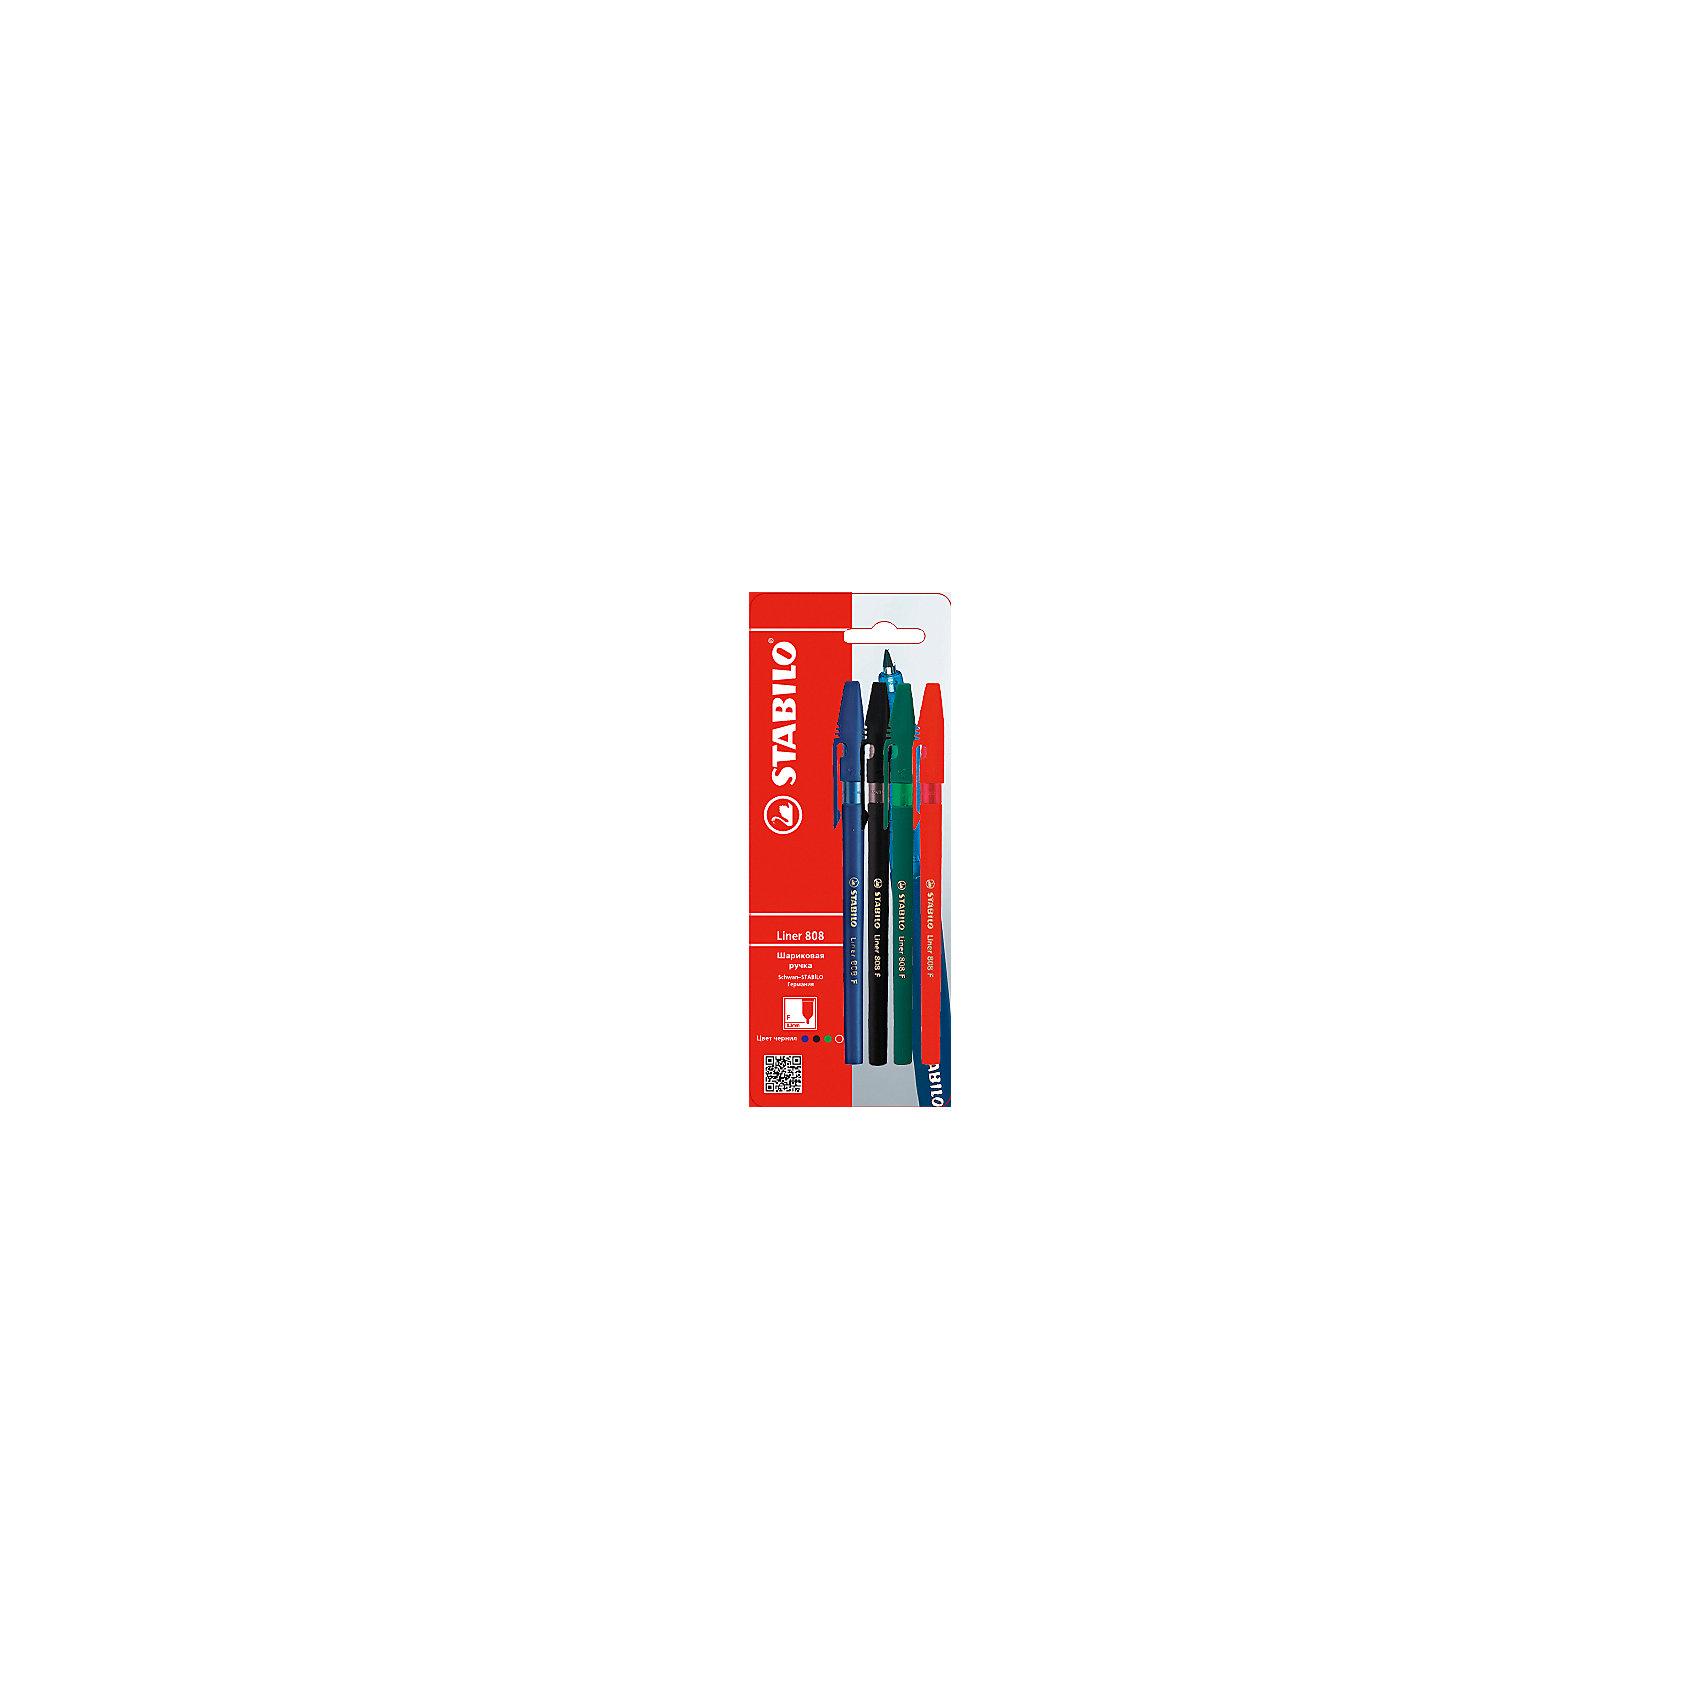 Набор ручекПисьменные принадлежности<br>Набор ручек от марки Stabilo<br><br>Удобные немецкие ручки от компании Stabilo в классическом корпусе. Пишущий инструмент отличного качества! Шариковая ручка имеет заменяемый стержень и надежную защиту от протекания чернил.<br>Отлично ложится в руке, пишет мягко. Дает аккуратную тонкую линию. Чернил хватает на долгое время! Чернила быстро сохнут. В наборе - четыре ручки разных цветов.<br><br>Особенности данной модели:<br><br>ширина оставляемого следа: 0,3 мм;<br>цвета чернил и корпуса: синий, черный, зеленый, красный.<br><br>Набор ручек от марки Stabilo можно купить в нашем магазине.<br><br>Ширина мм: 204<br>Глубина мм: 80<br>Высота мм: 10<br>Вес г: 10<br>Возраст от месяцев: 36<br>Возраст до месяцев: 2147483647<br>Пол: Унисекс<br>Возраст: Детский<br>SKU: 4684730